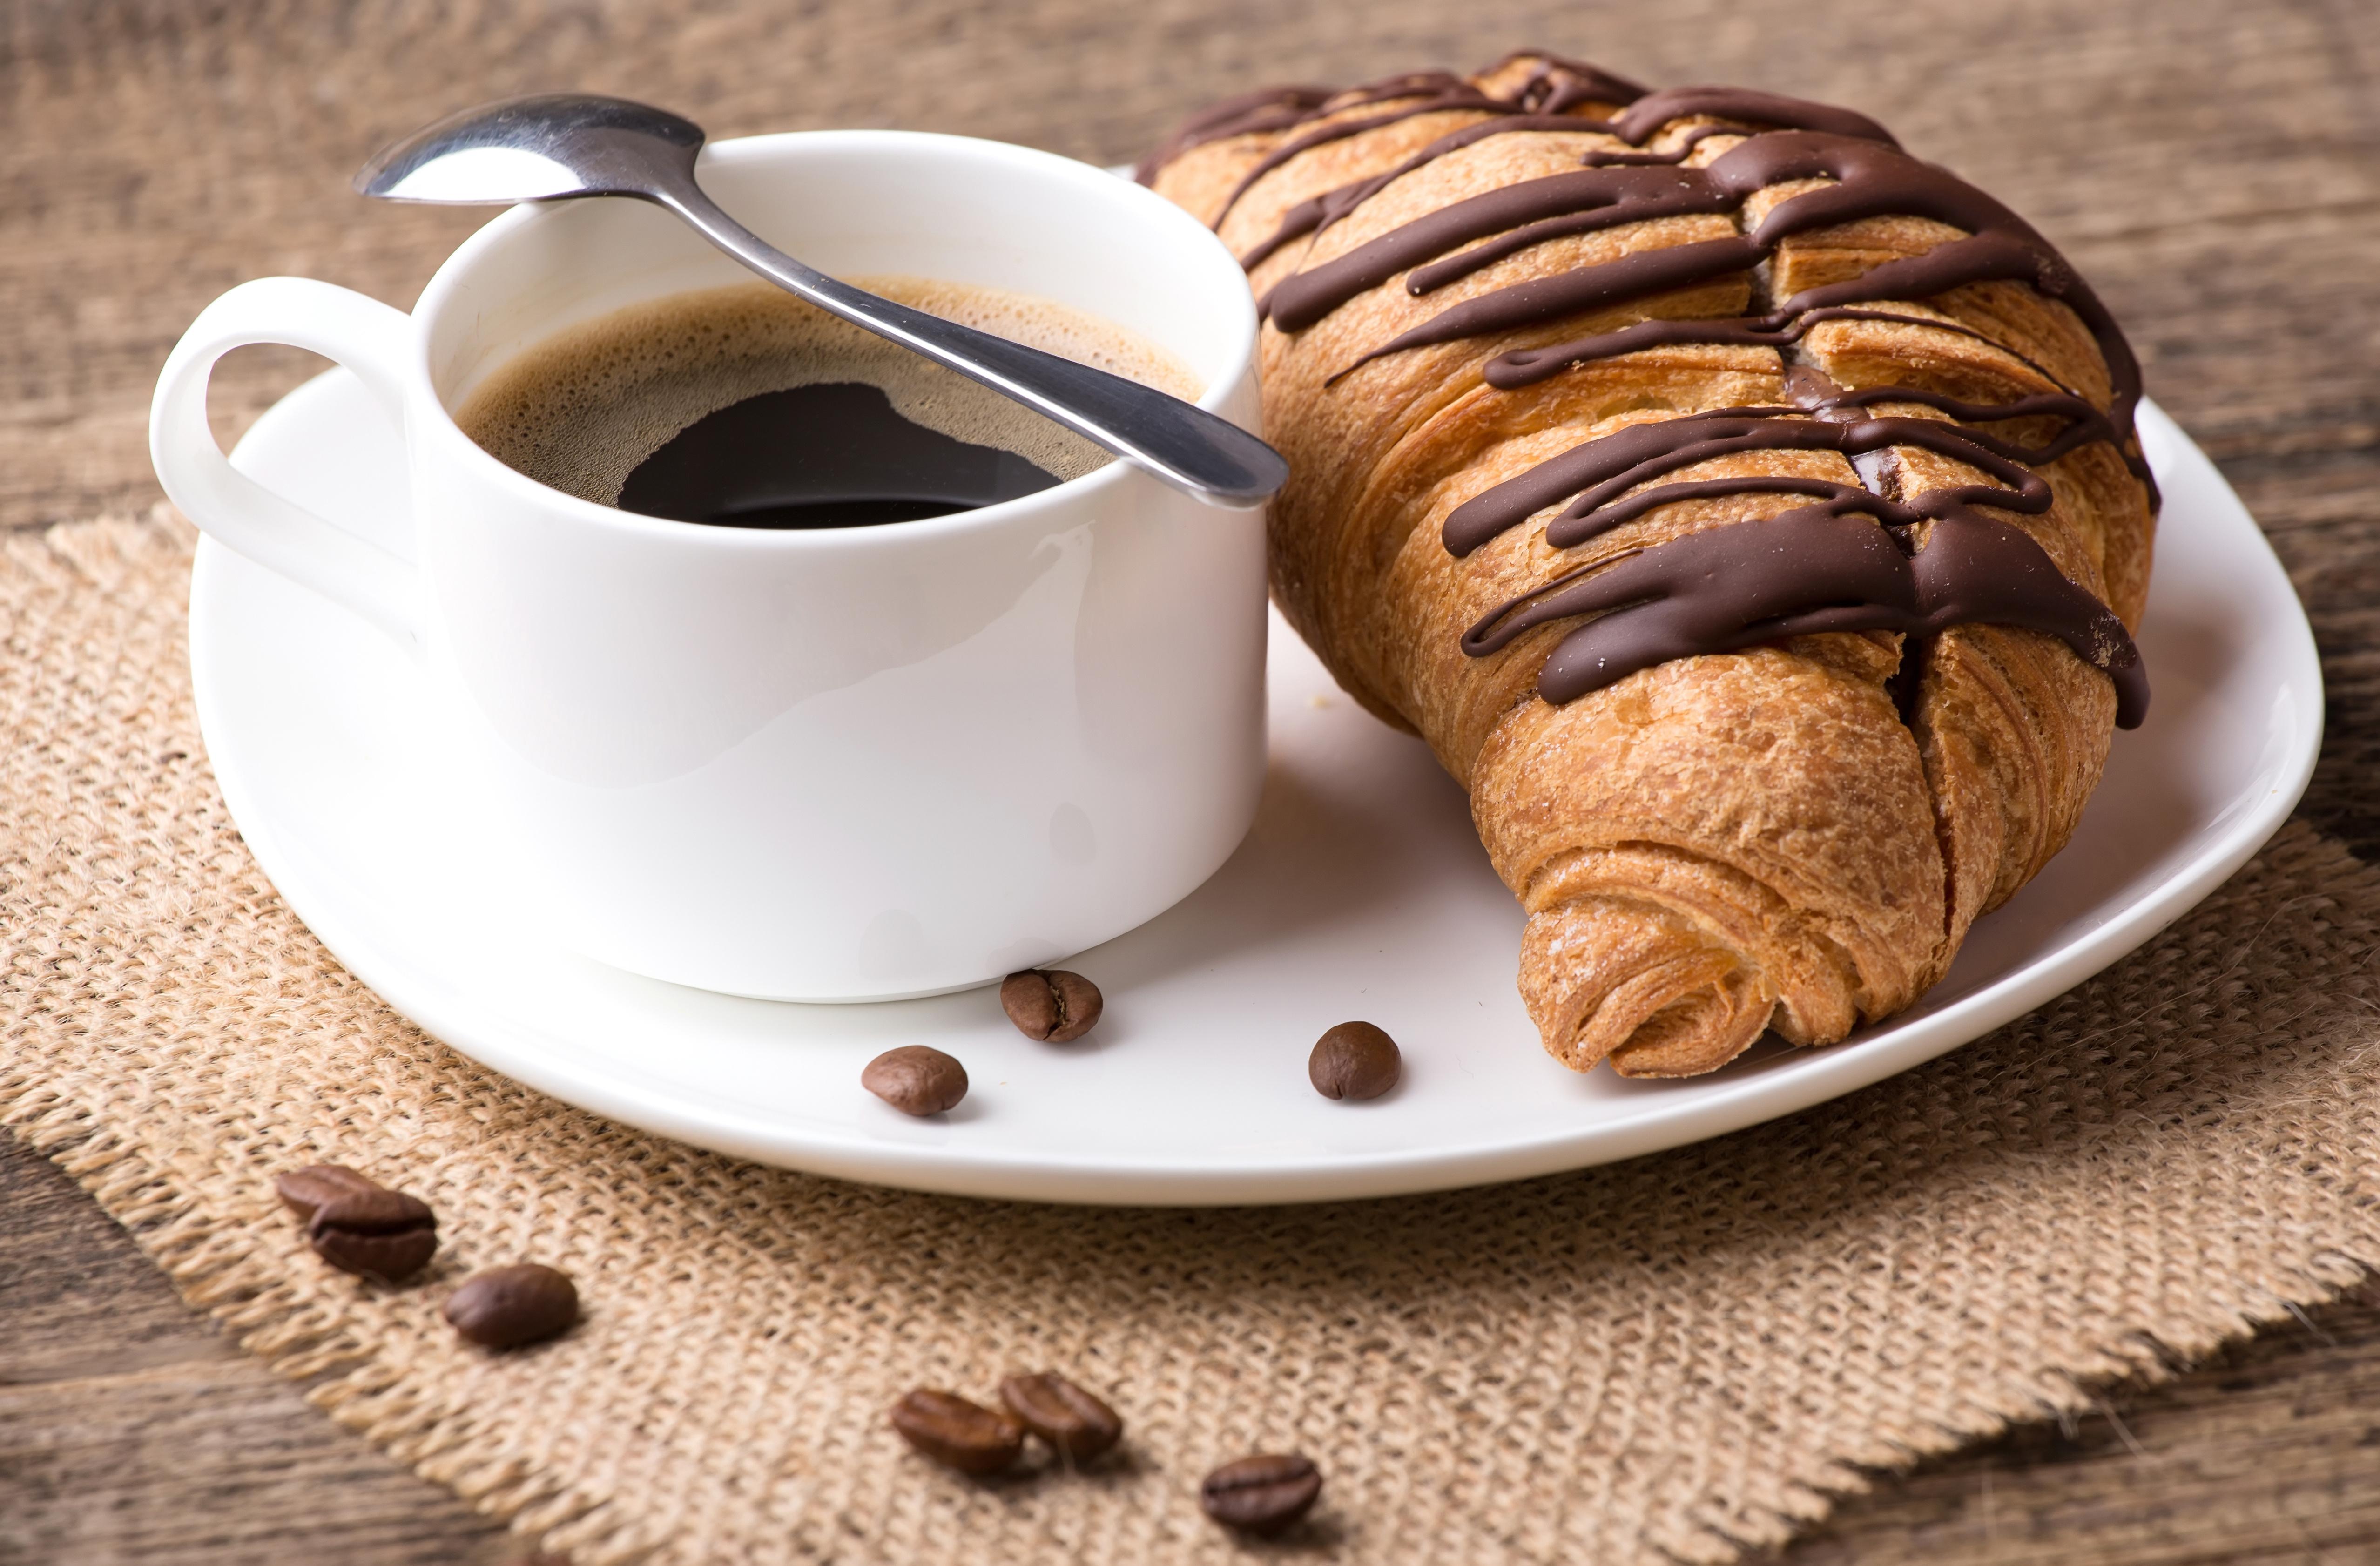 город картинки кофе с пирогом услугам гостей